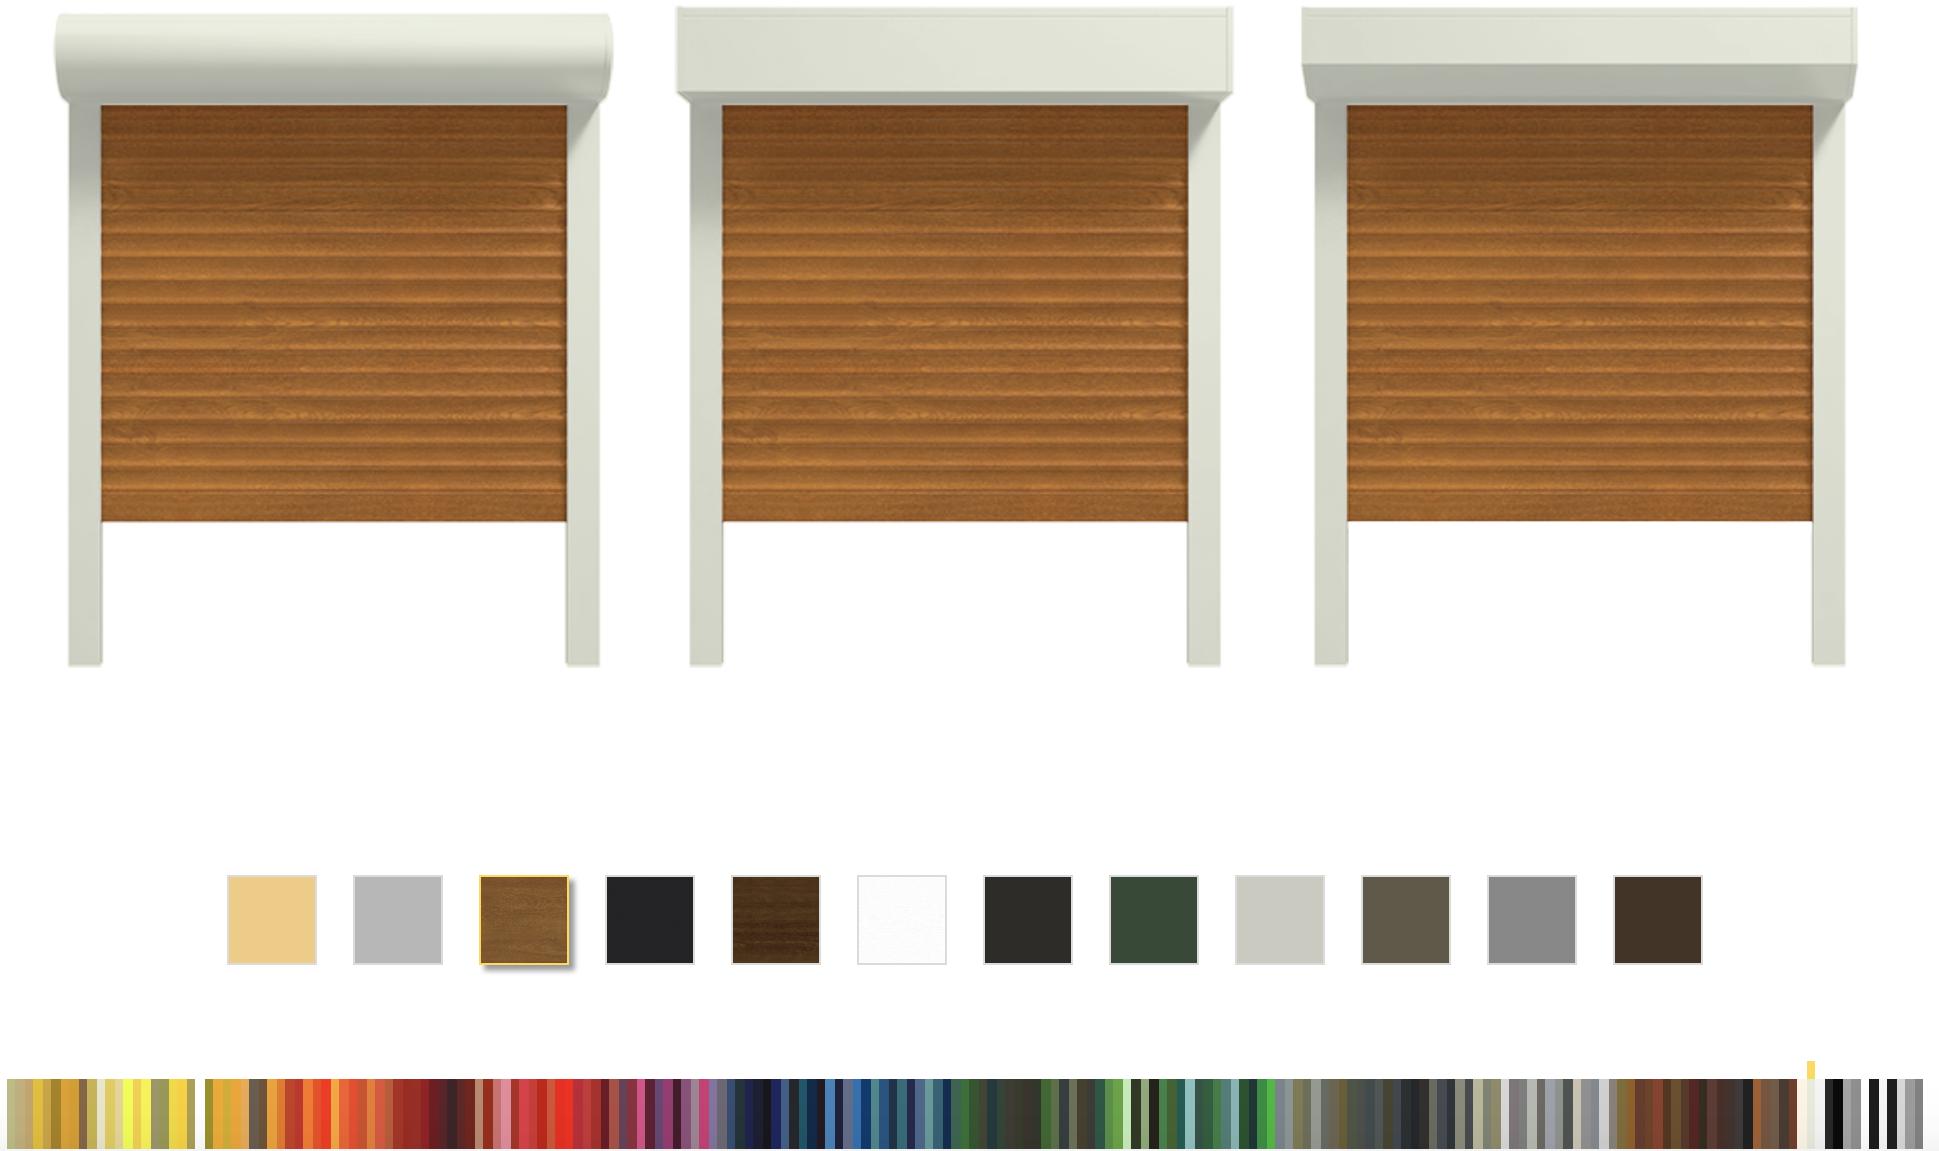 colori avvolgibili in pvc